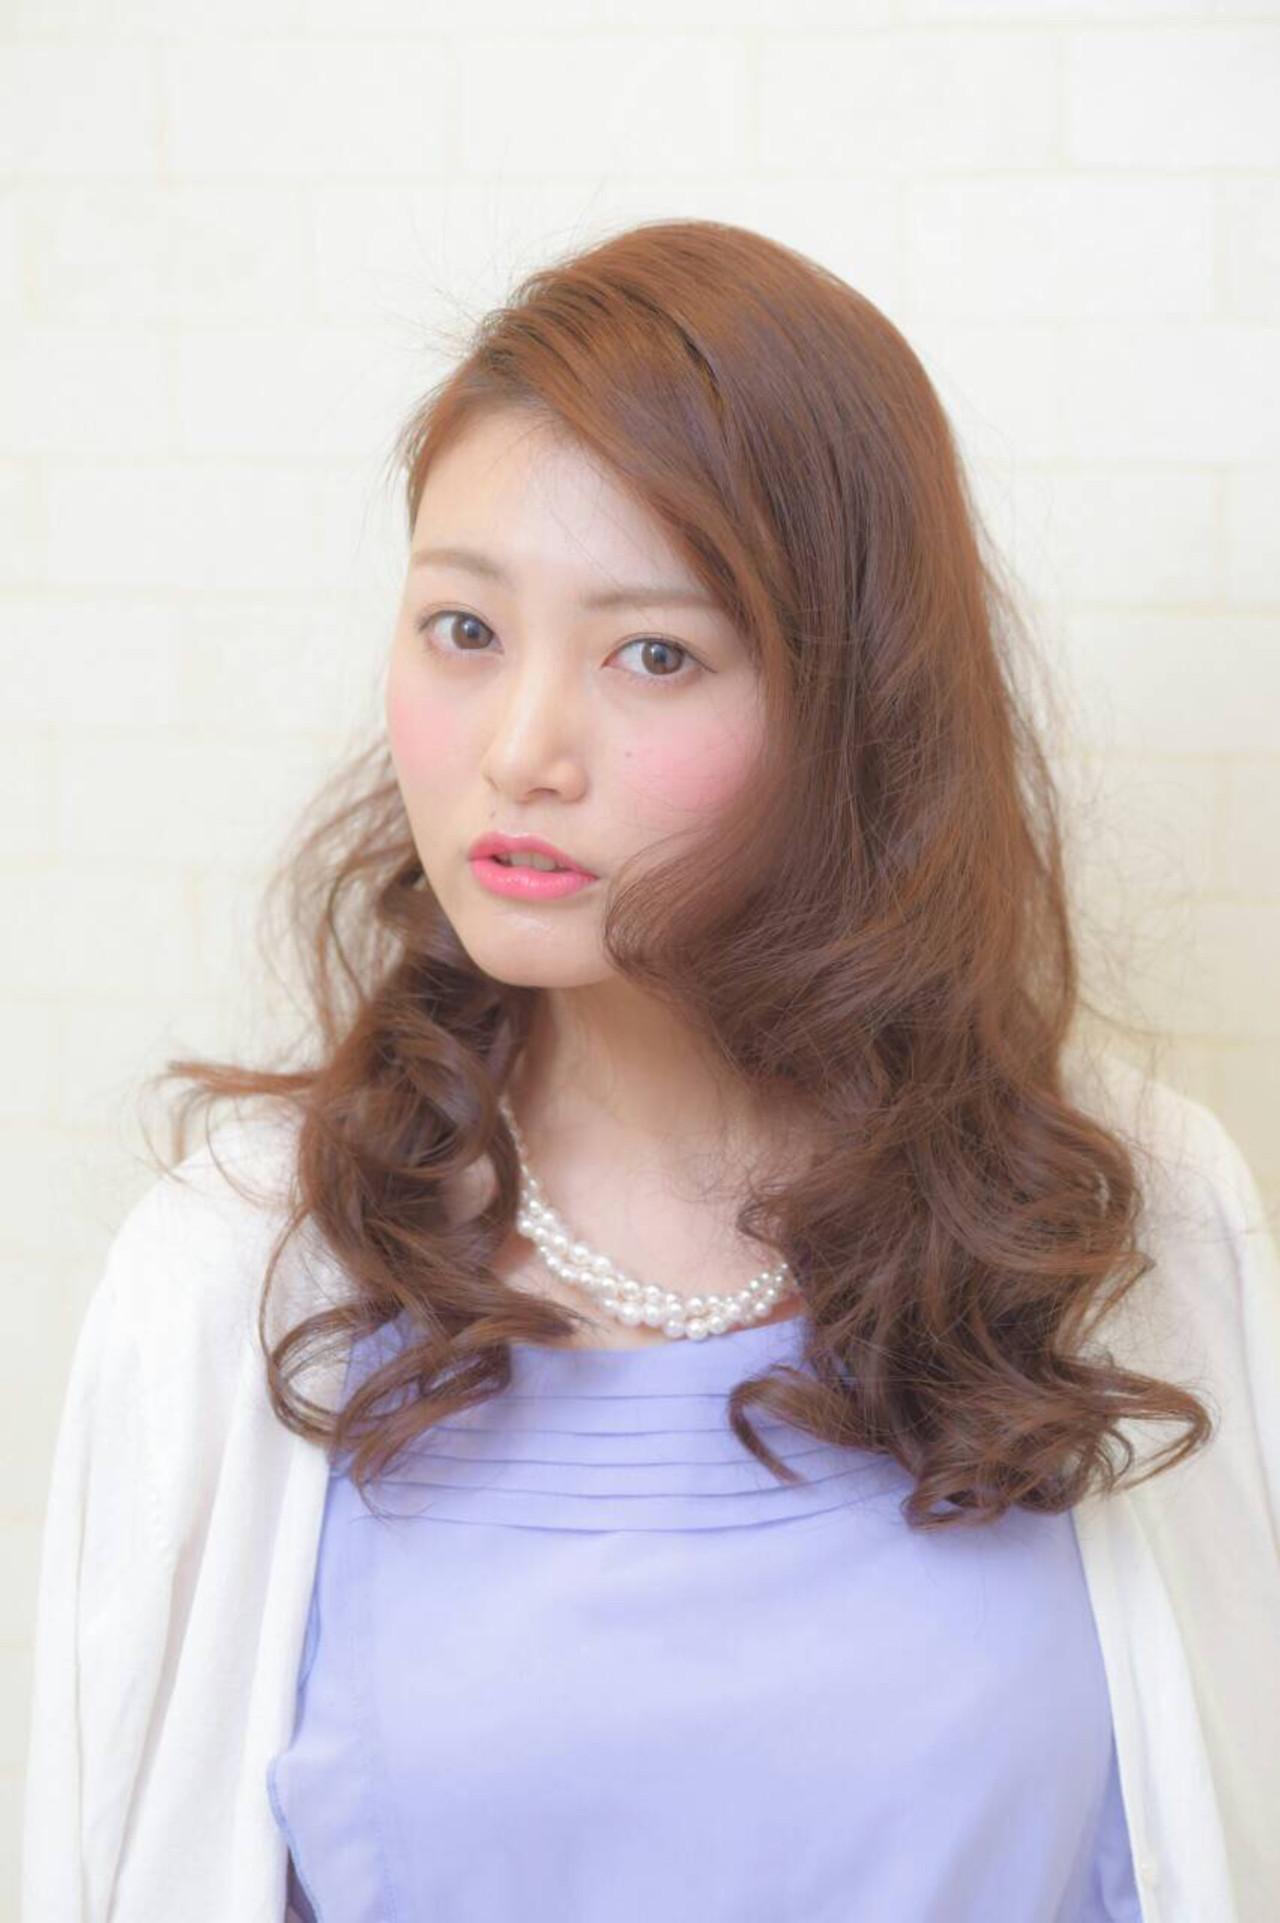 コンサバ フェミニン 丸顔 ゆるふわ ヘアスタイルや髪型の写真・画像 | Haruka /